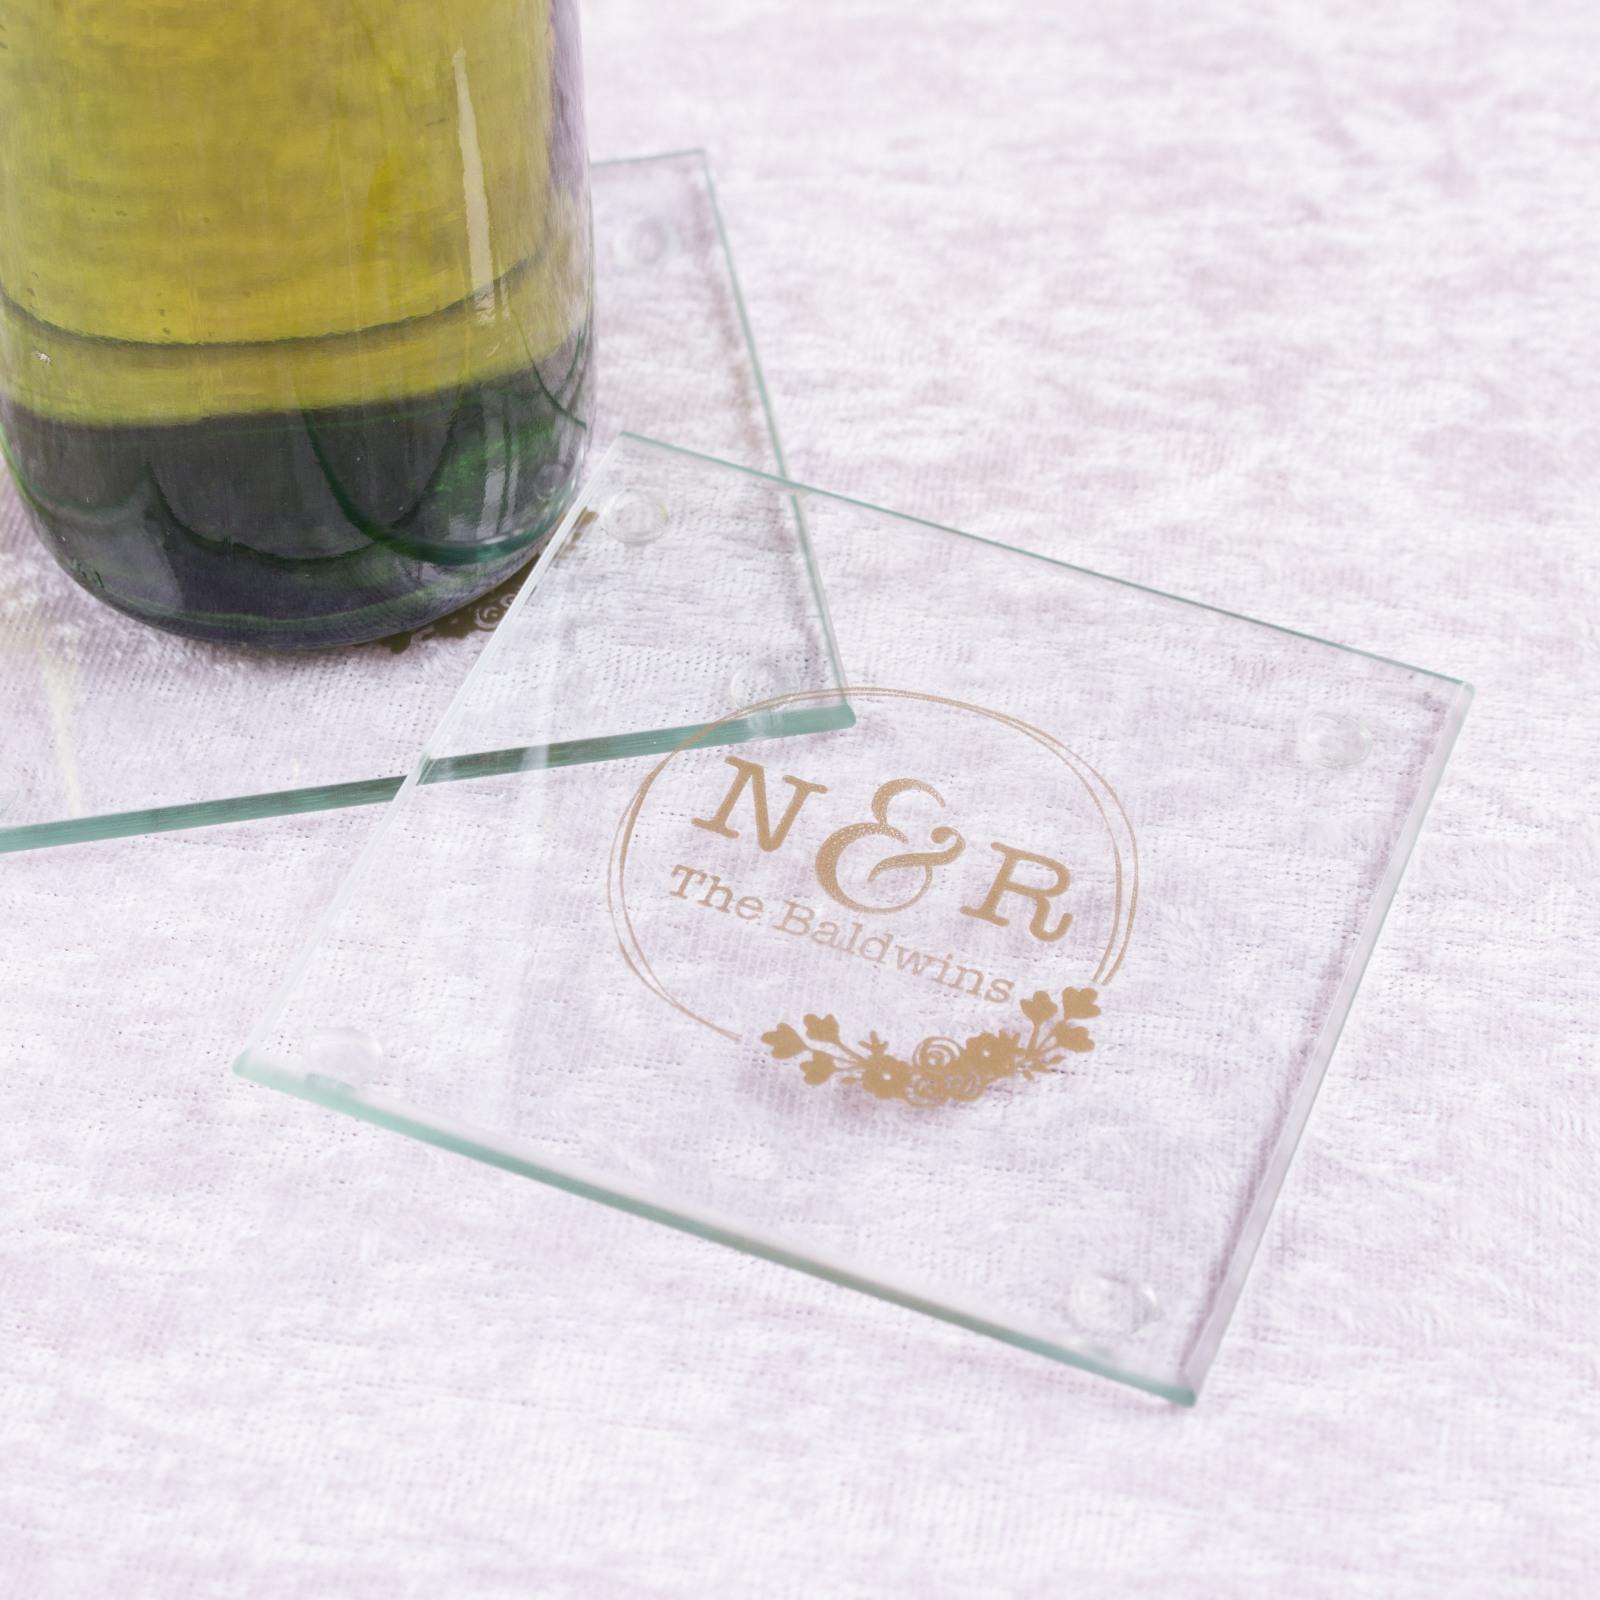 Personalized Botanical Monogram Glass Coasters